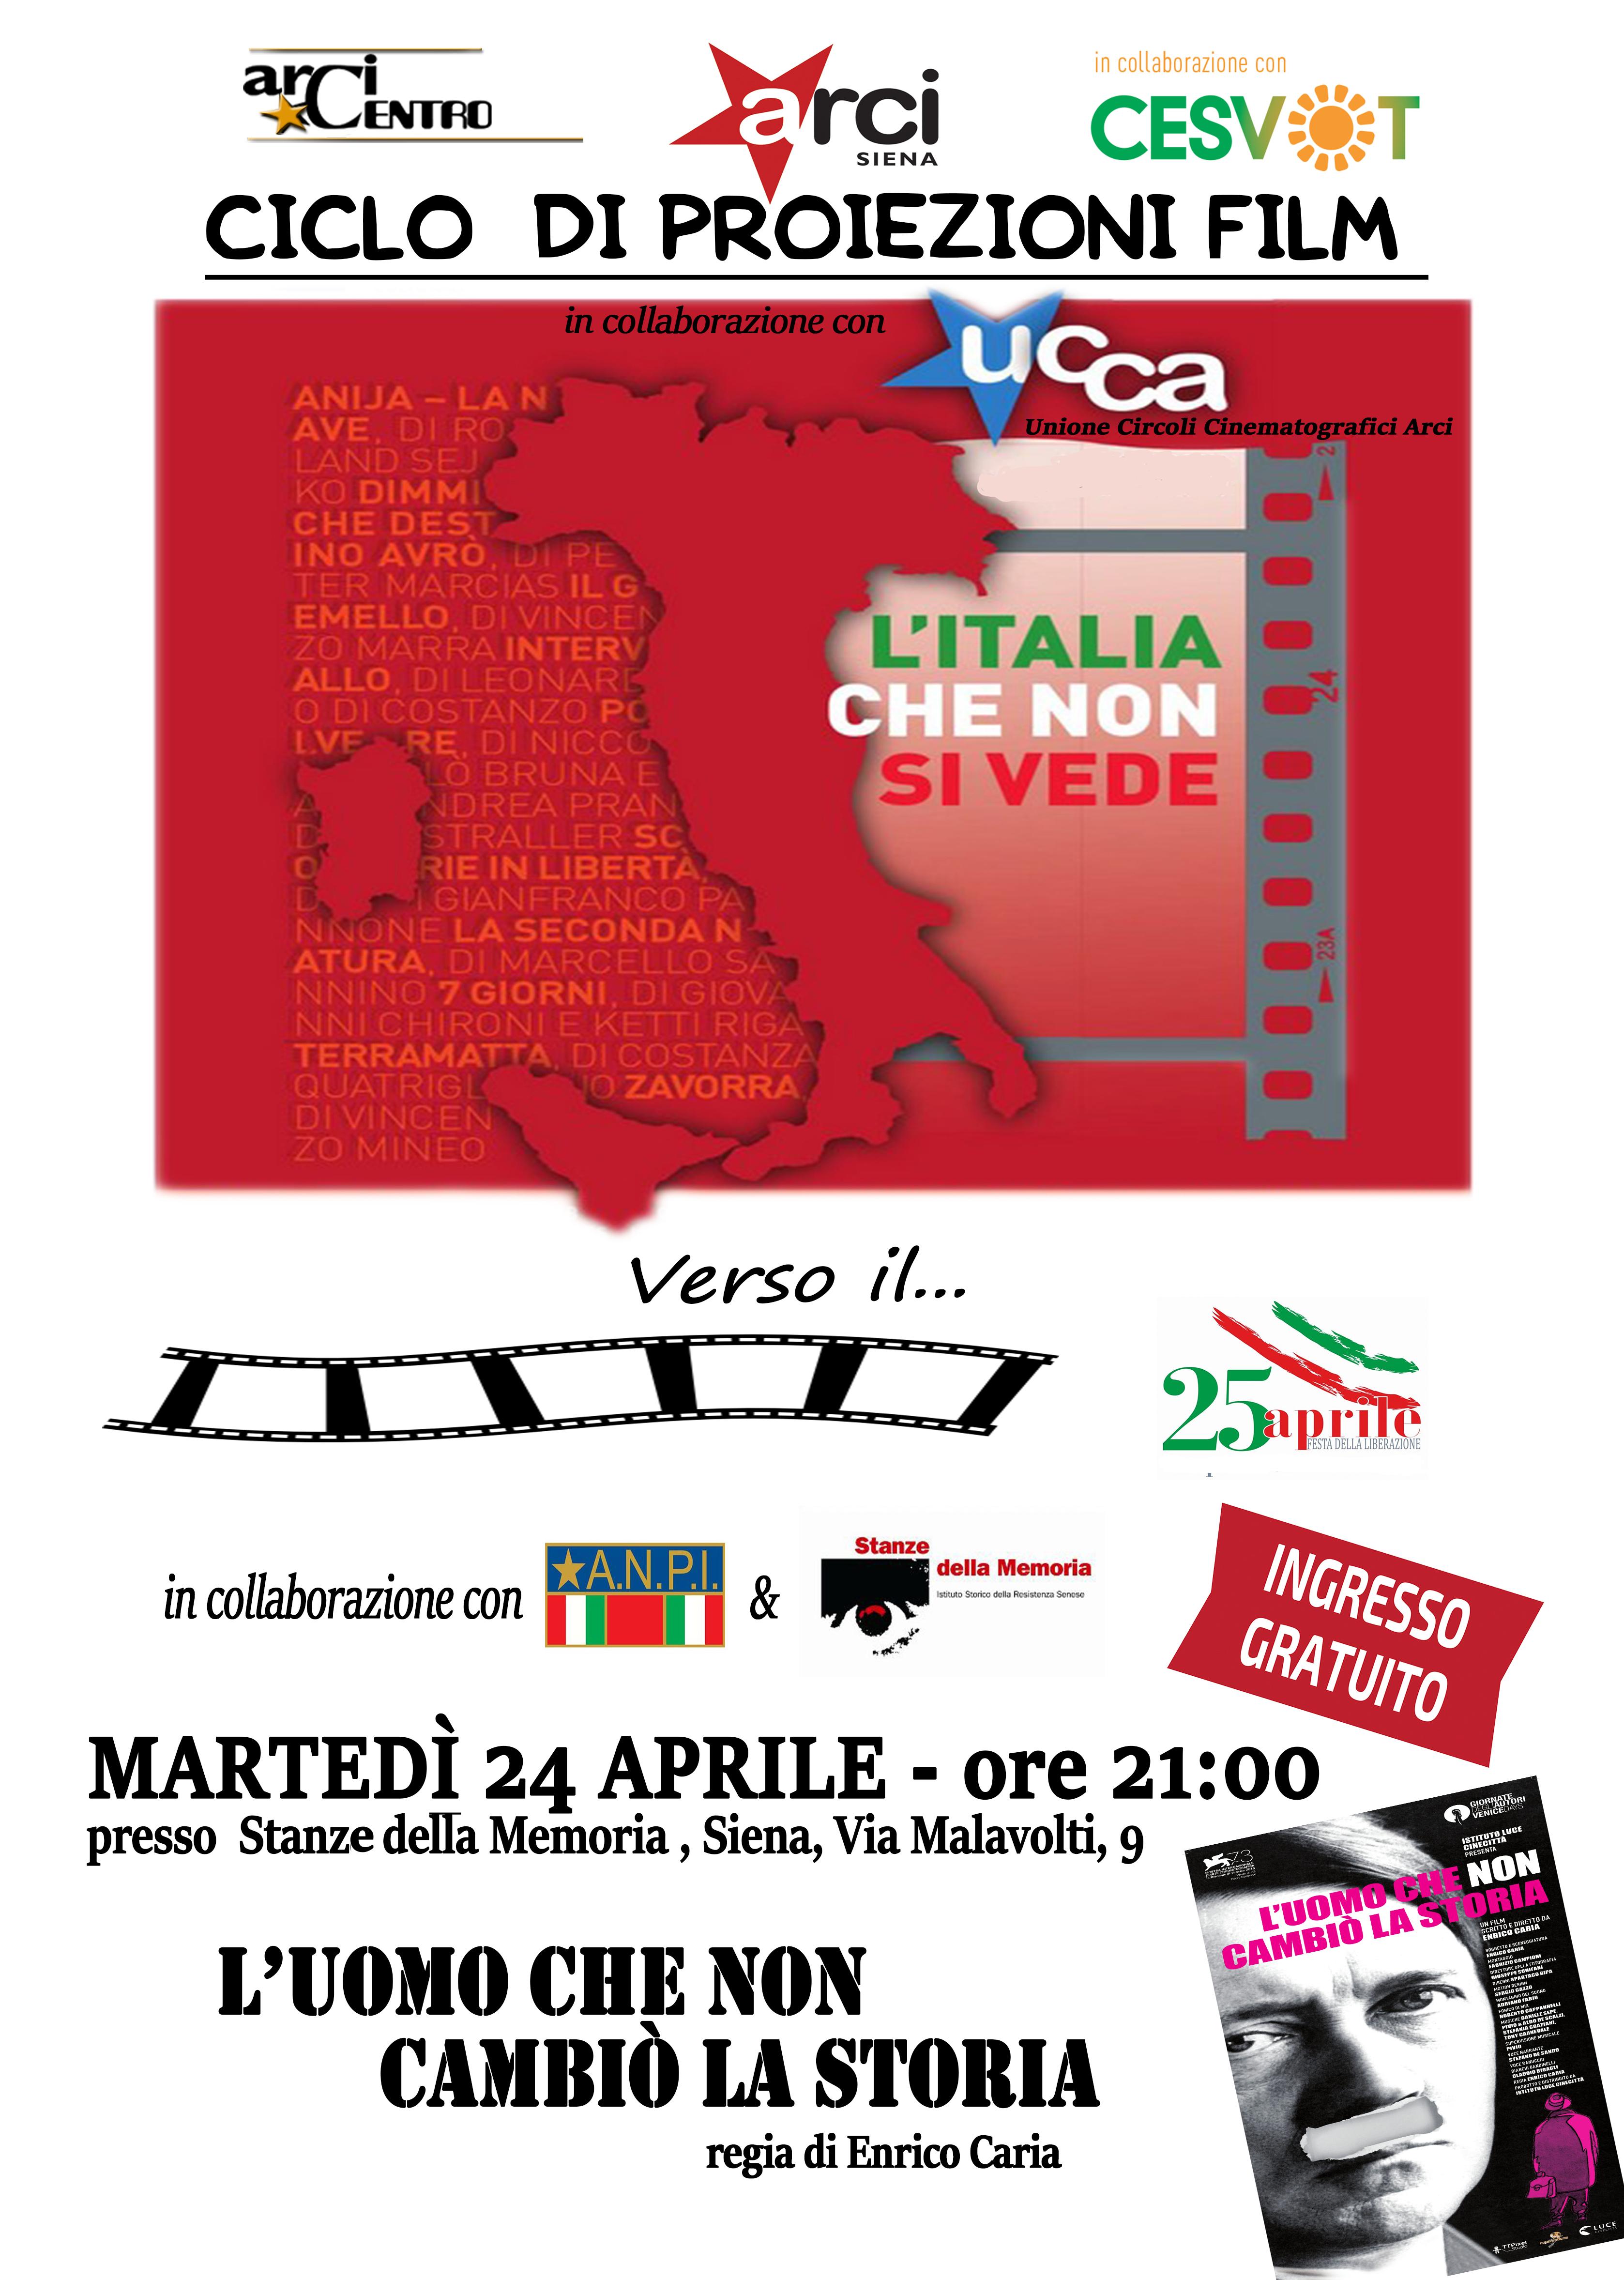 CineForum Arci Centro - 24 Aprile